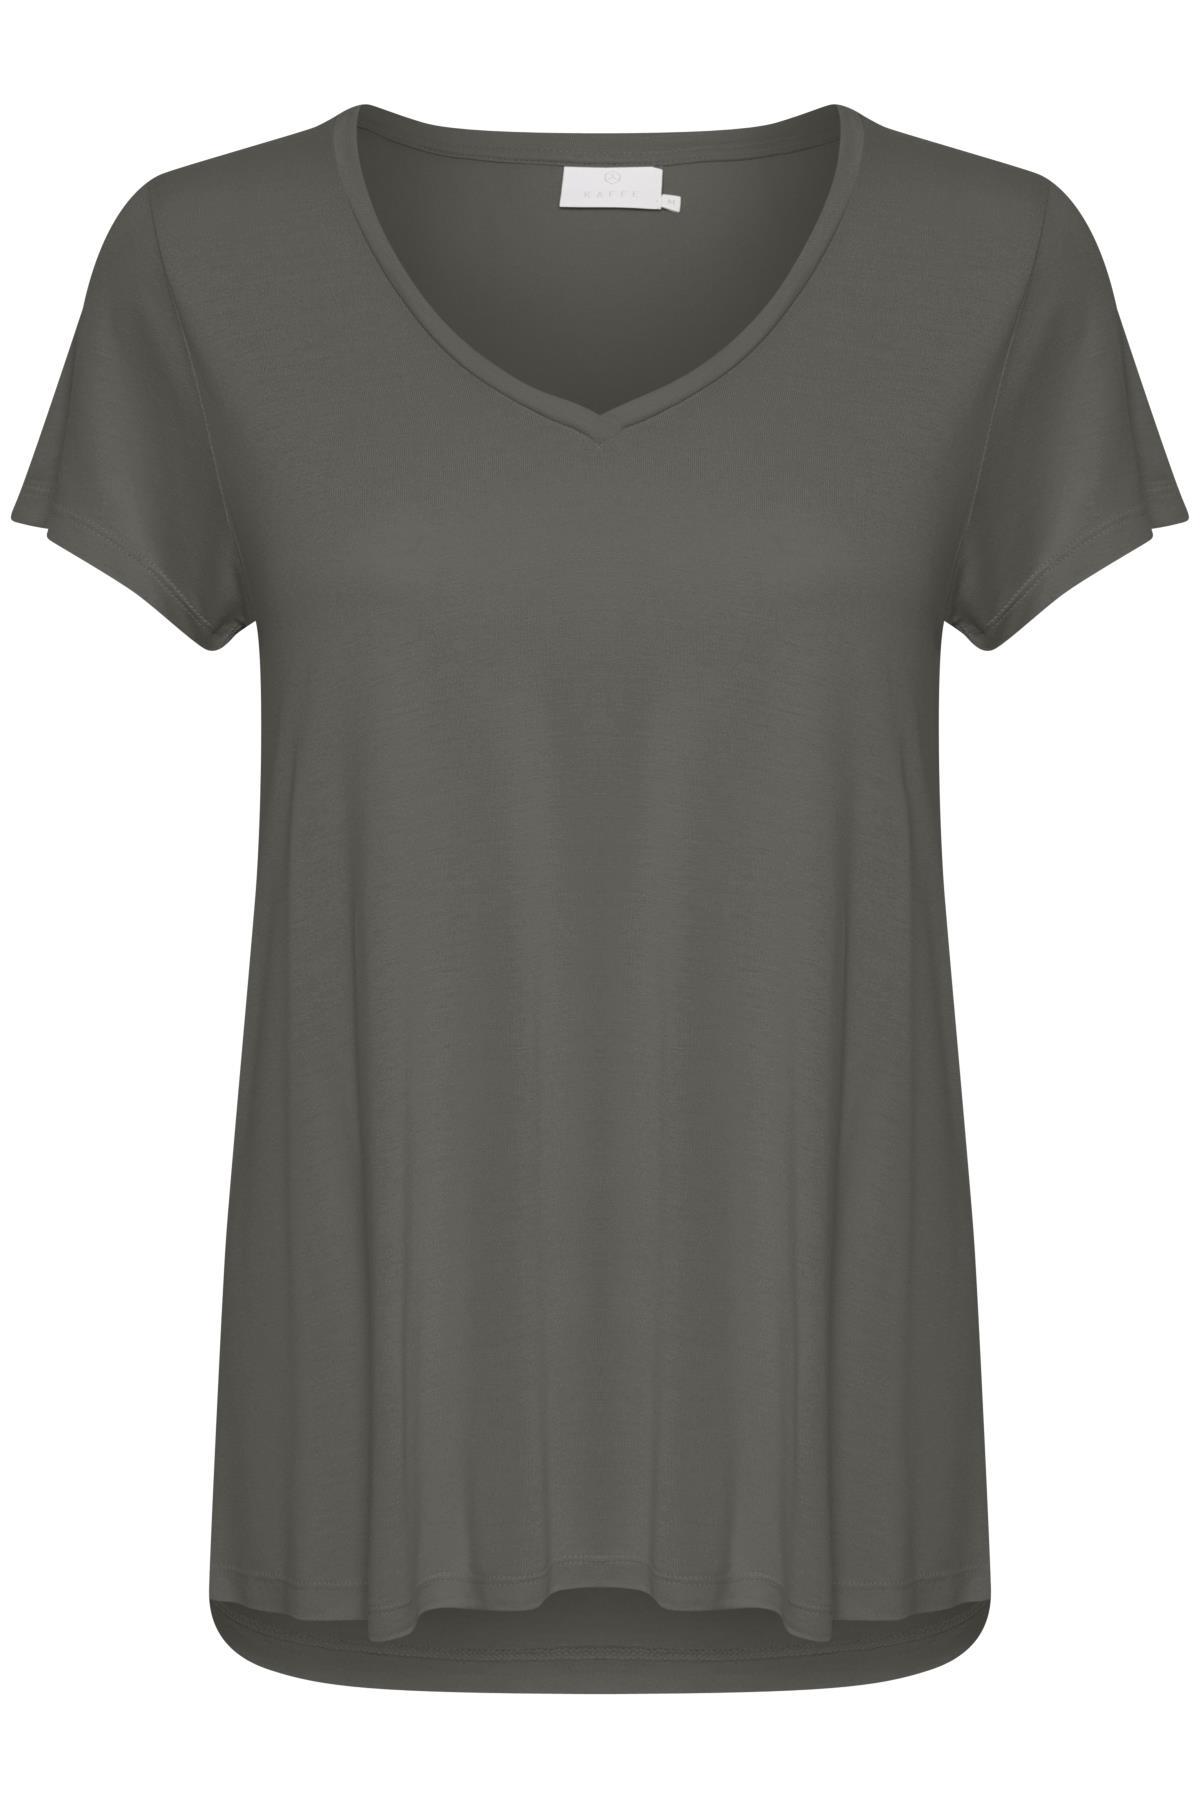 Donker grijsgemêleerd T-shirt korte mouw van Kaffe – Door Donker grijsgemêleerd T-shirt korte mouw van maat. XS-XXL hier